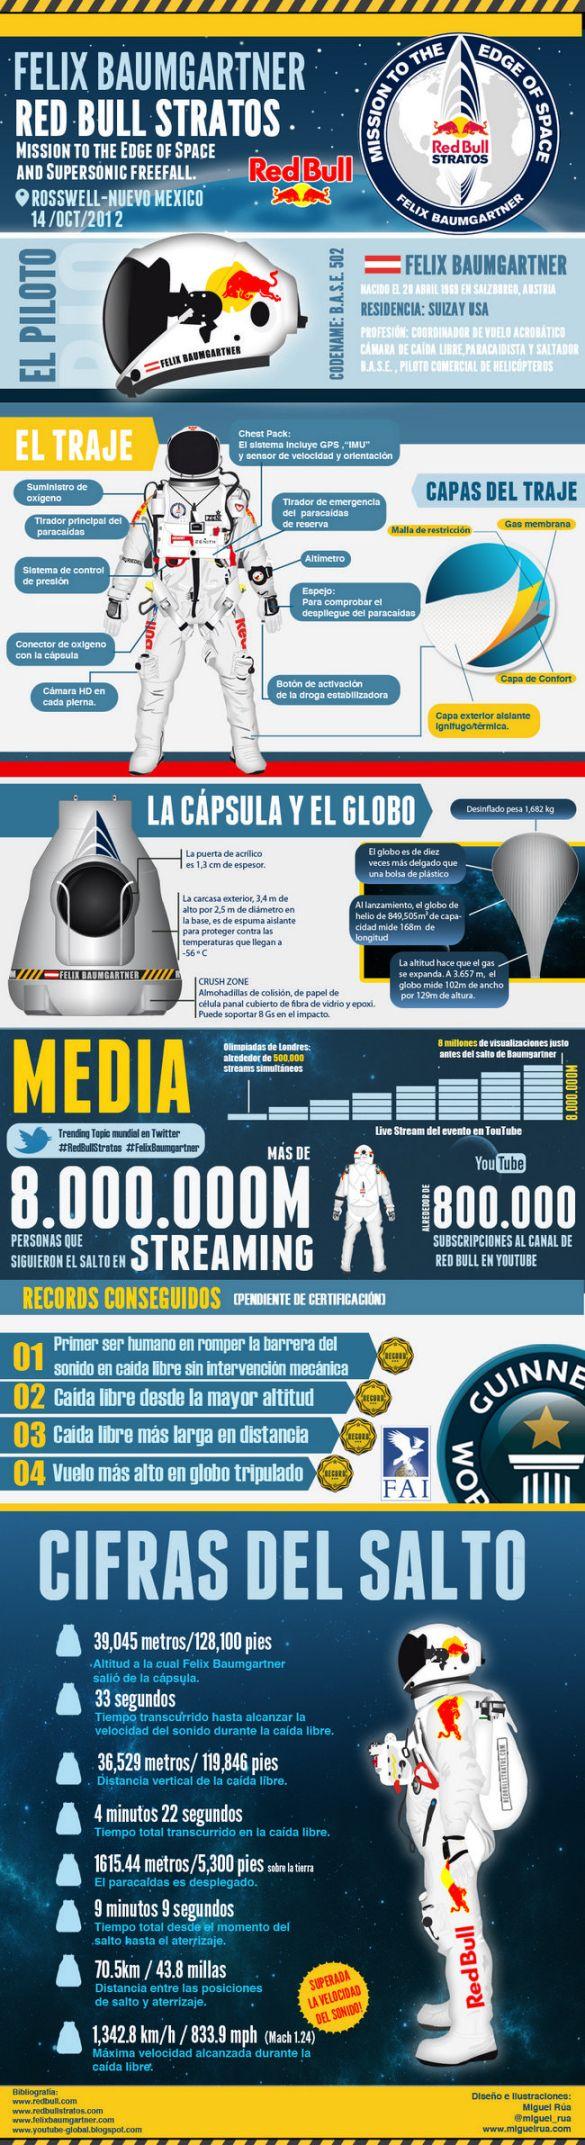 Felix Baumgartner y su salto desde la estratósfera [Infografía] - felix-baumgartner-infografia